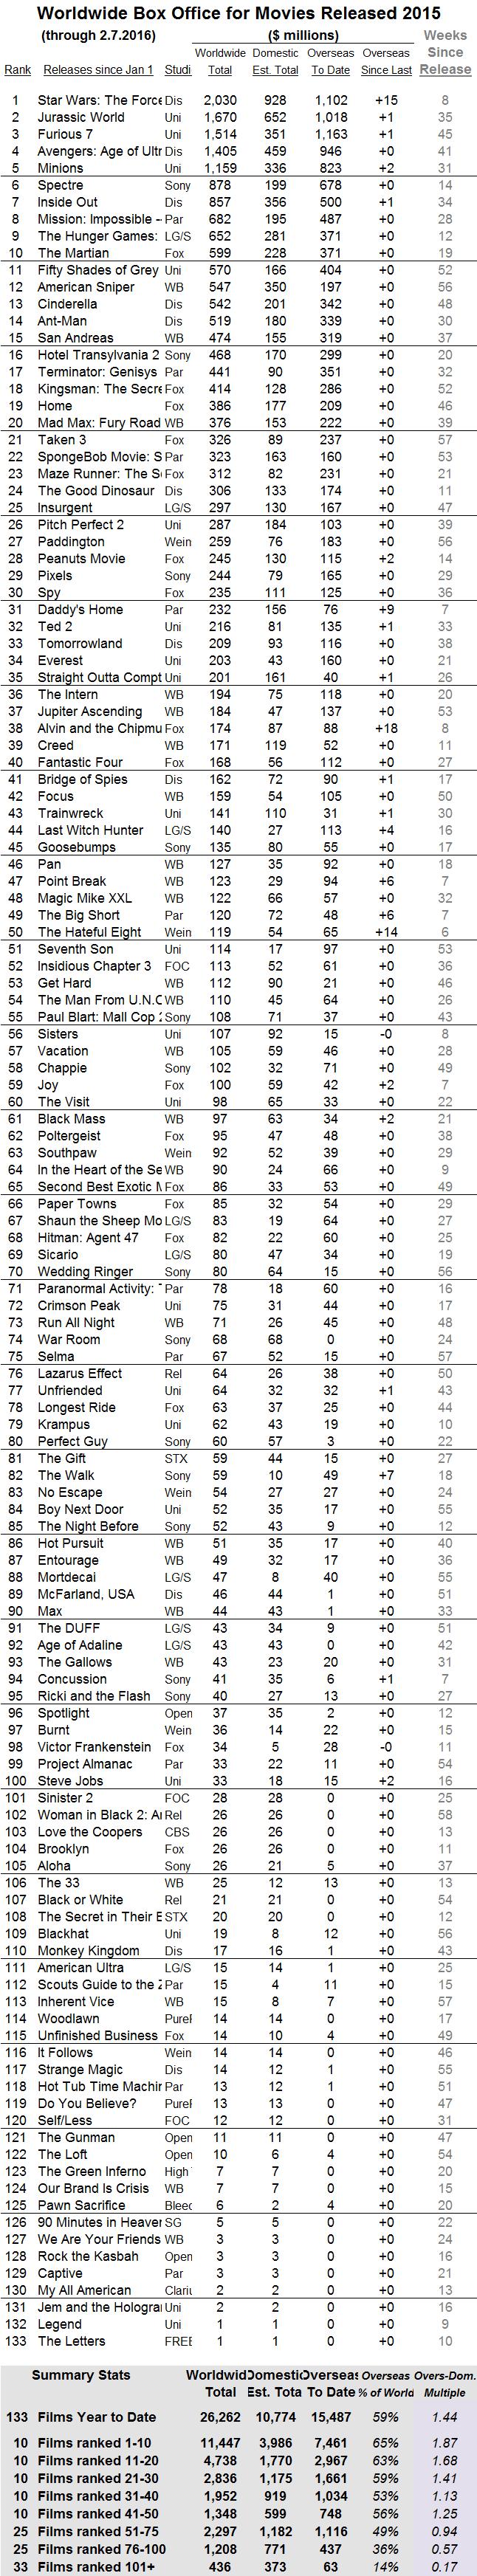 International 2015 through 2016 Feb 7